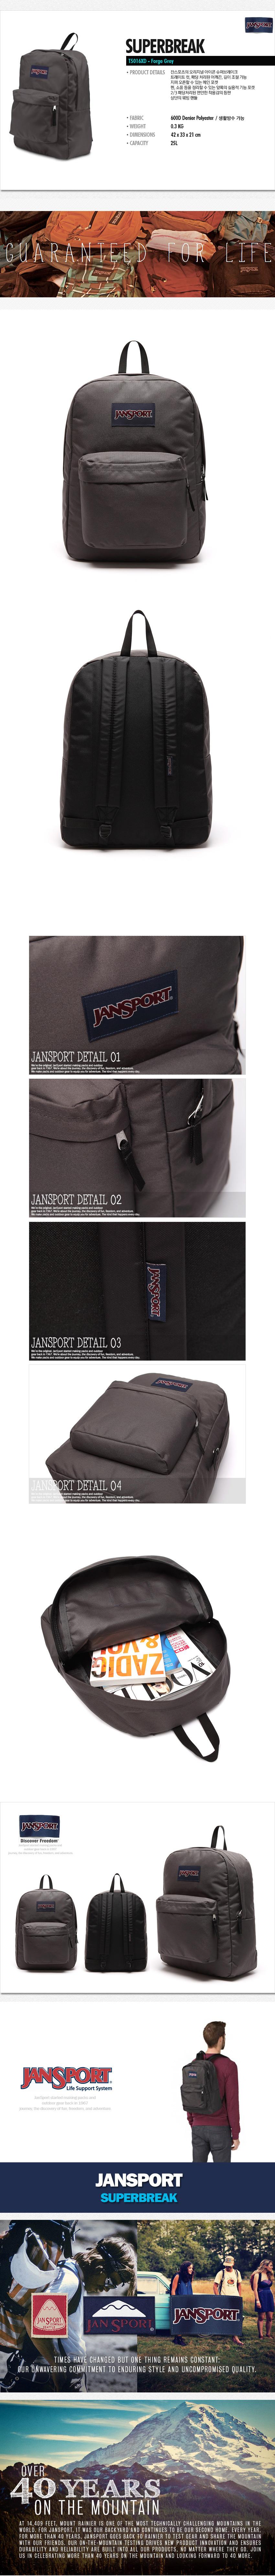 [잔스포츠]JANSPORT - 슈퍼브레이크 (T5016XD - Forge Grey) 잔스포츠코리아 정품 AS가능